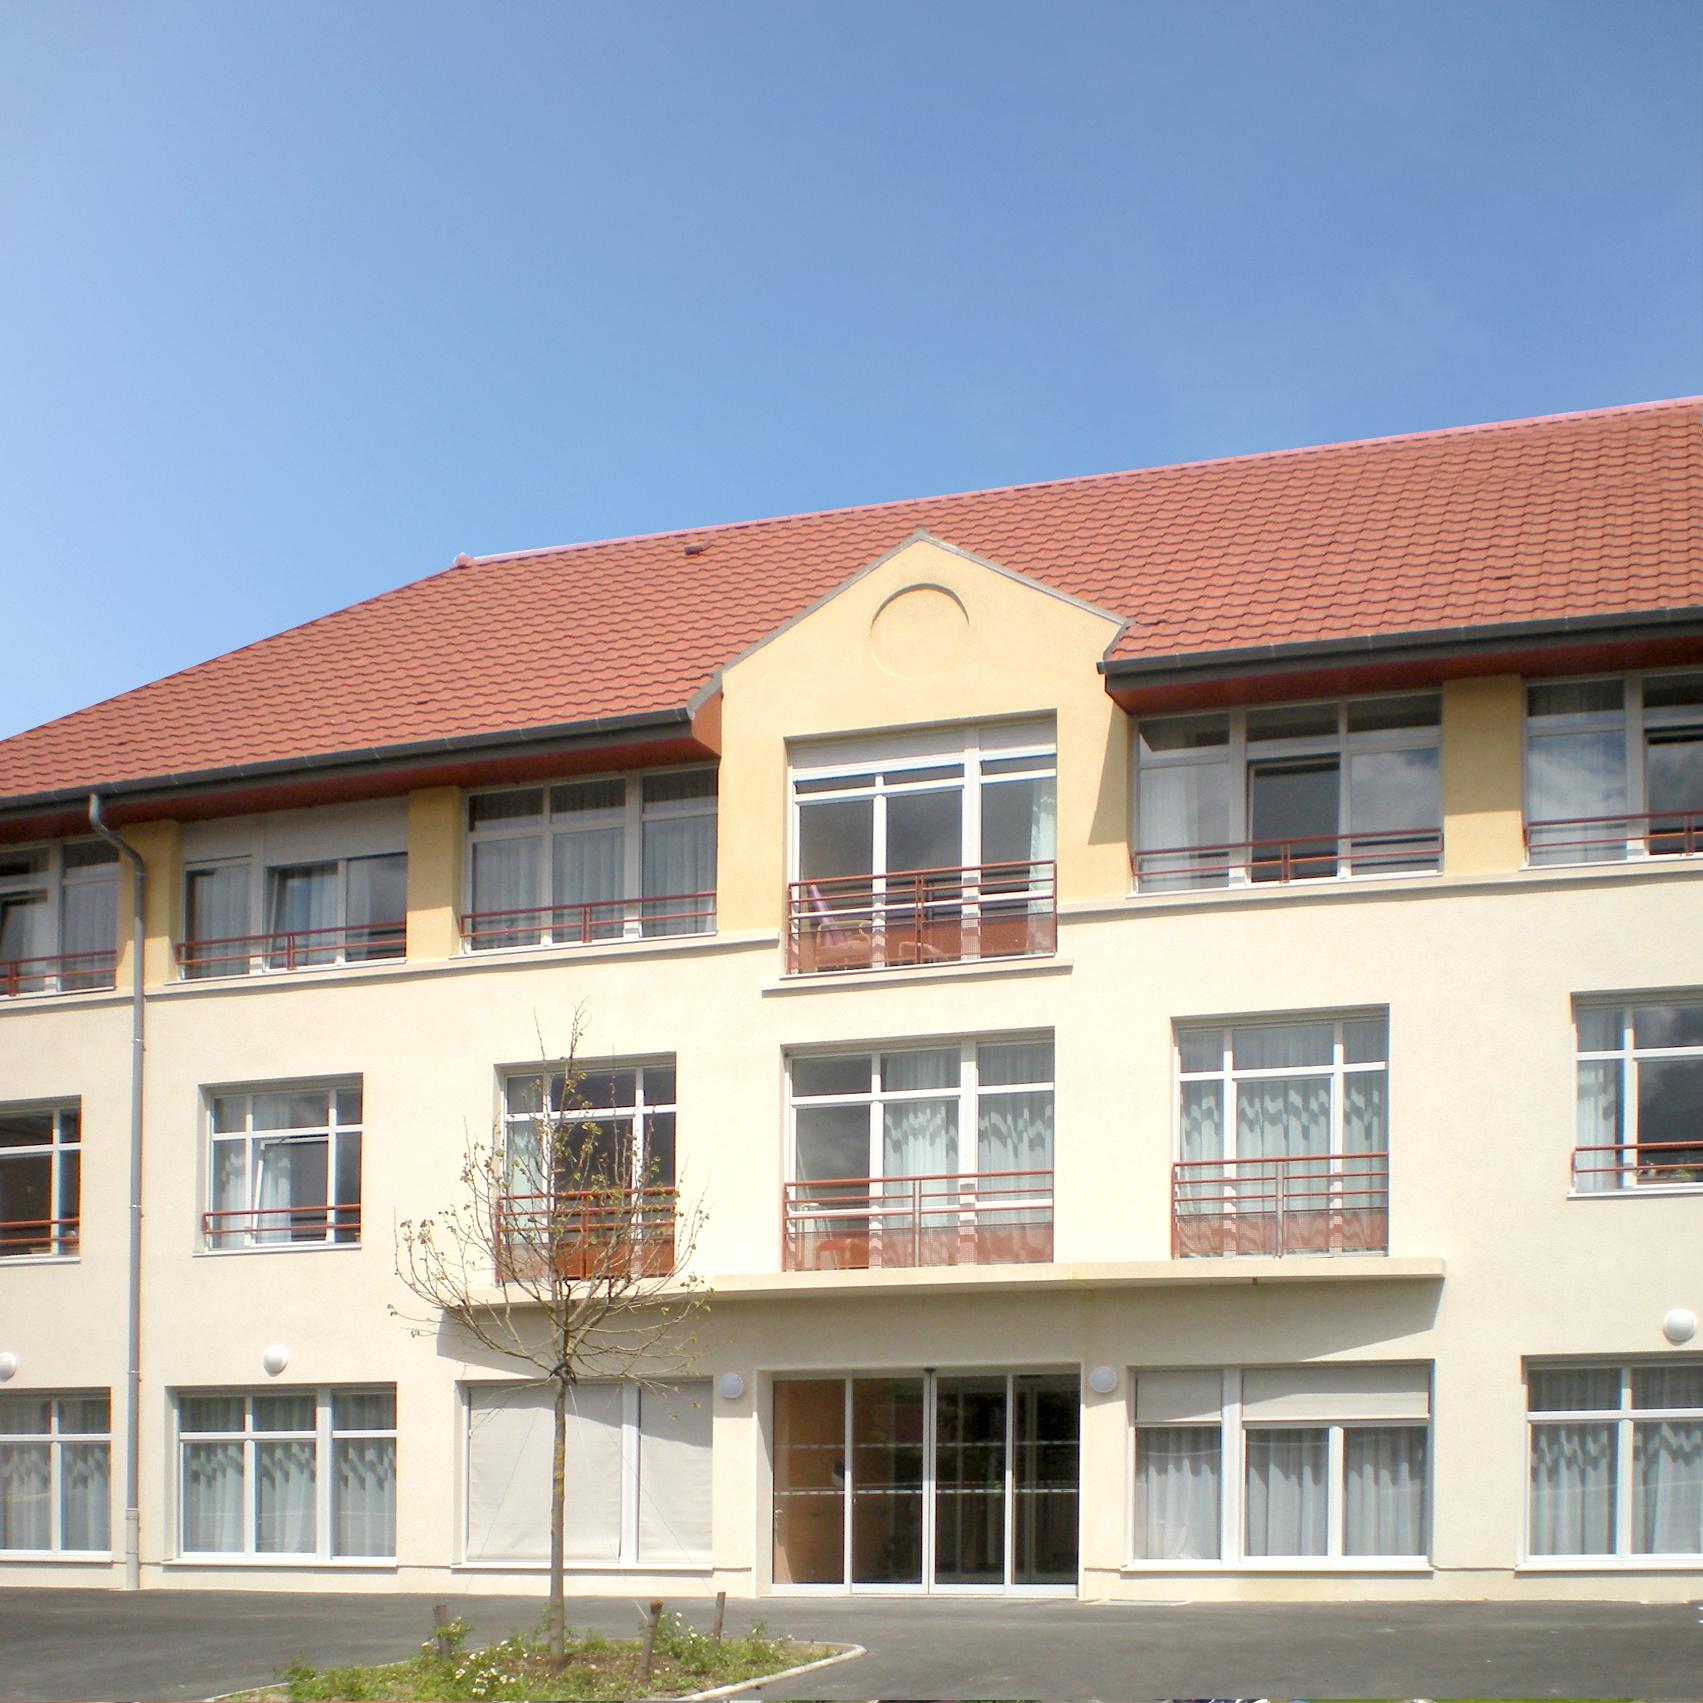 Maison Saint-Joseph - ACIS France